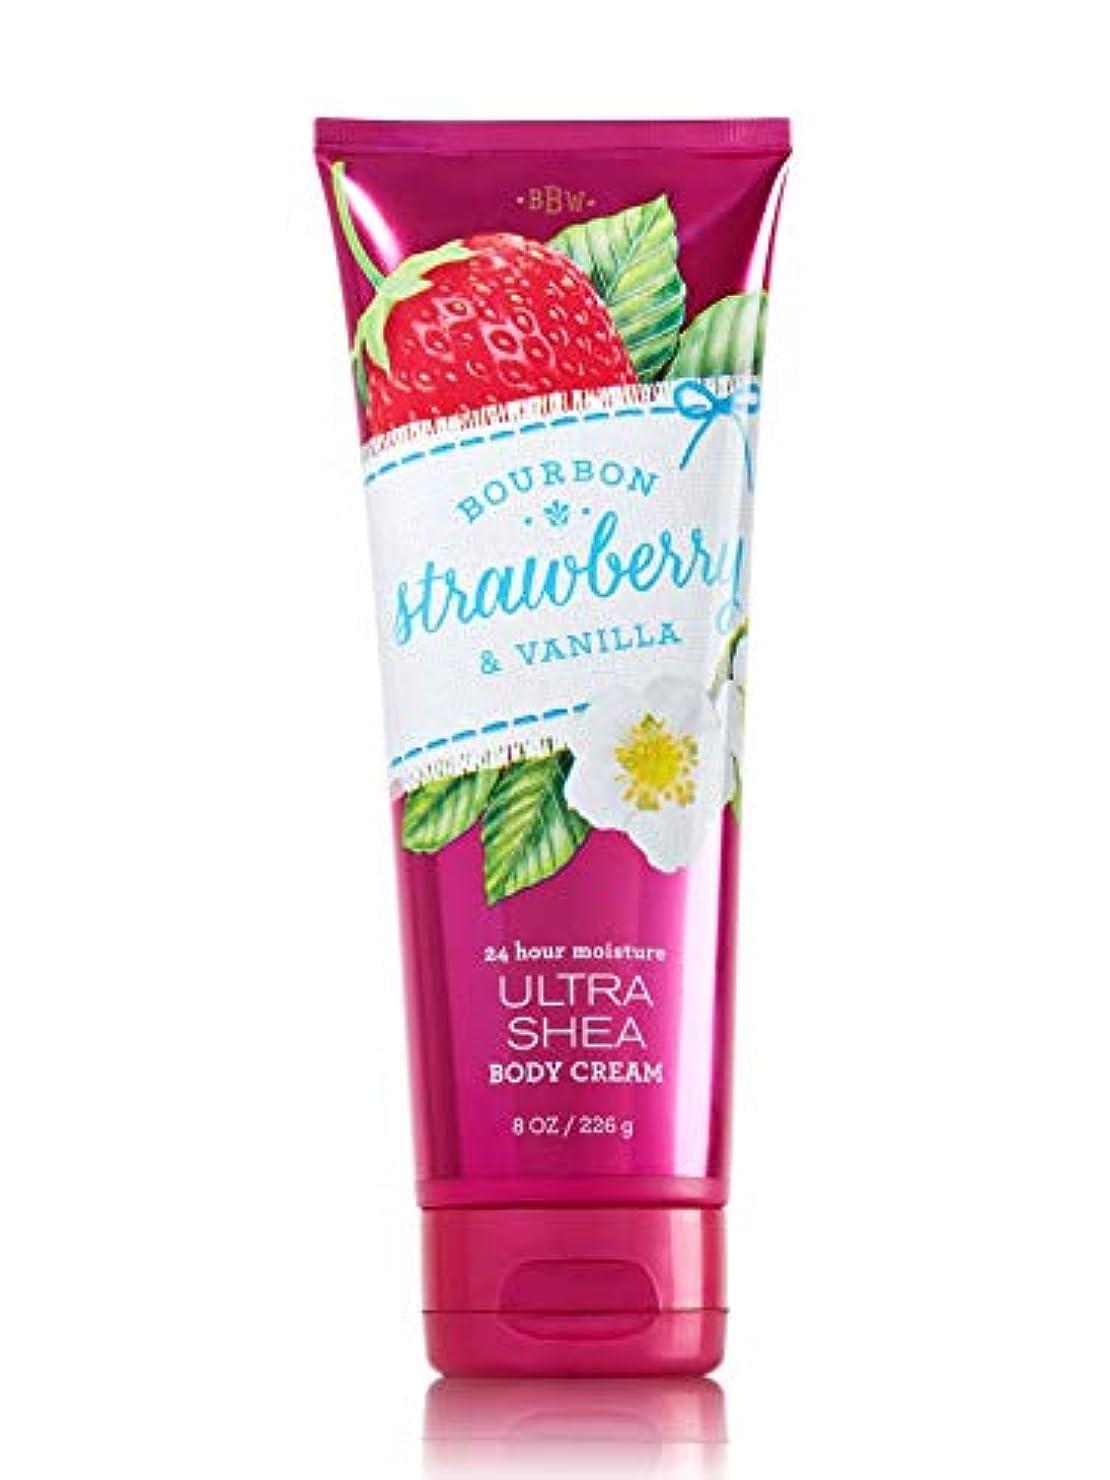 ロケーション三自明【Bath&Body Works/バス&ボディワークス】 ボディクリーム ブルボンストロベリー&バニラ Body Cream Bourbon Strawberry & Vanilla 8 oz / 226 g [並行輸入品]